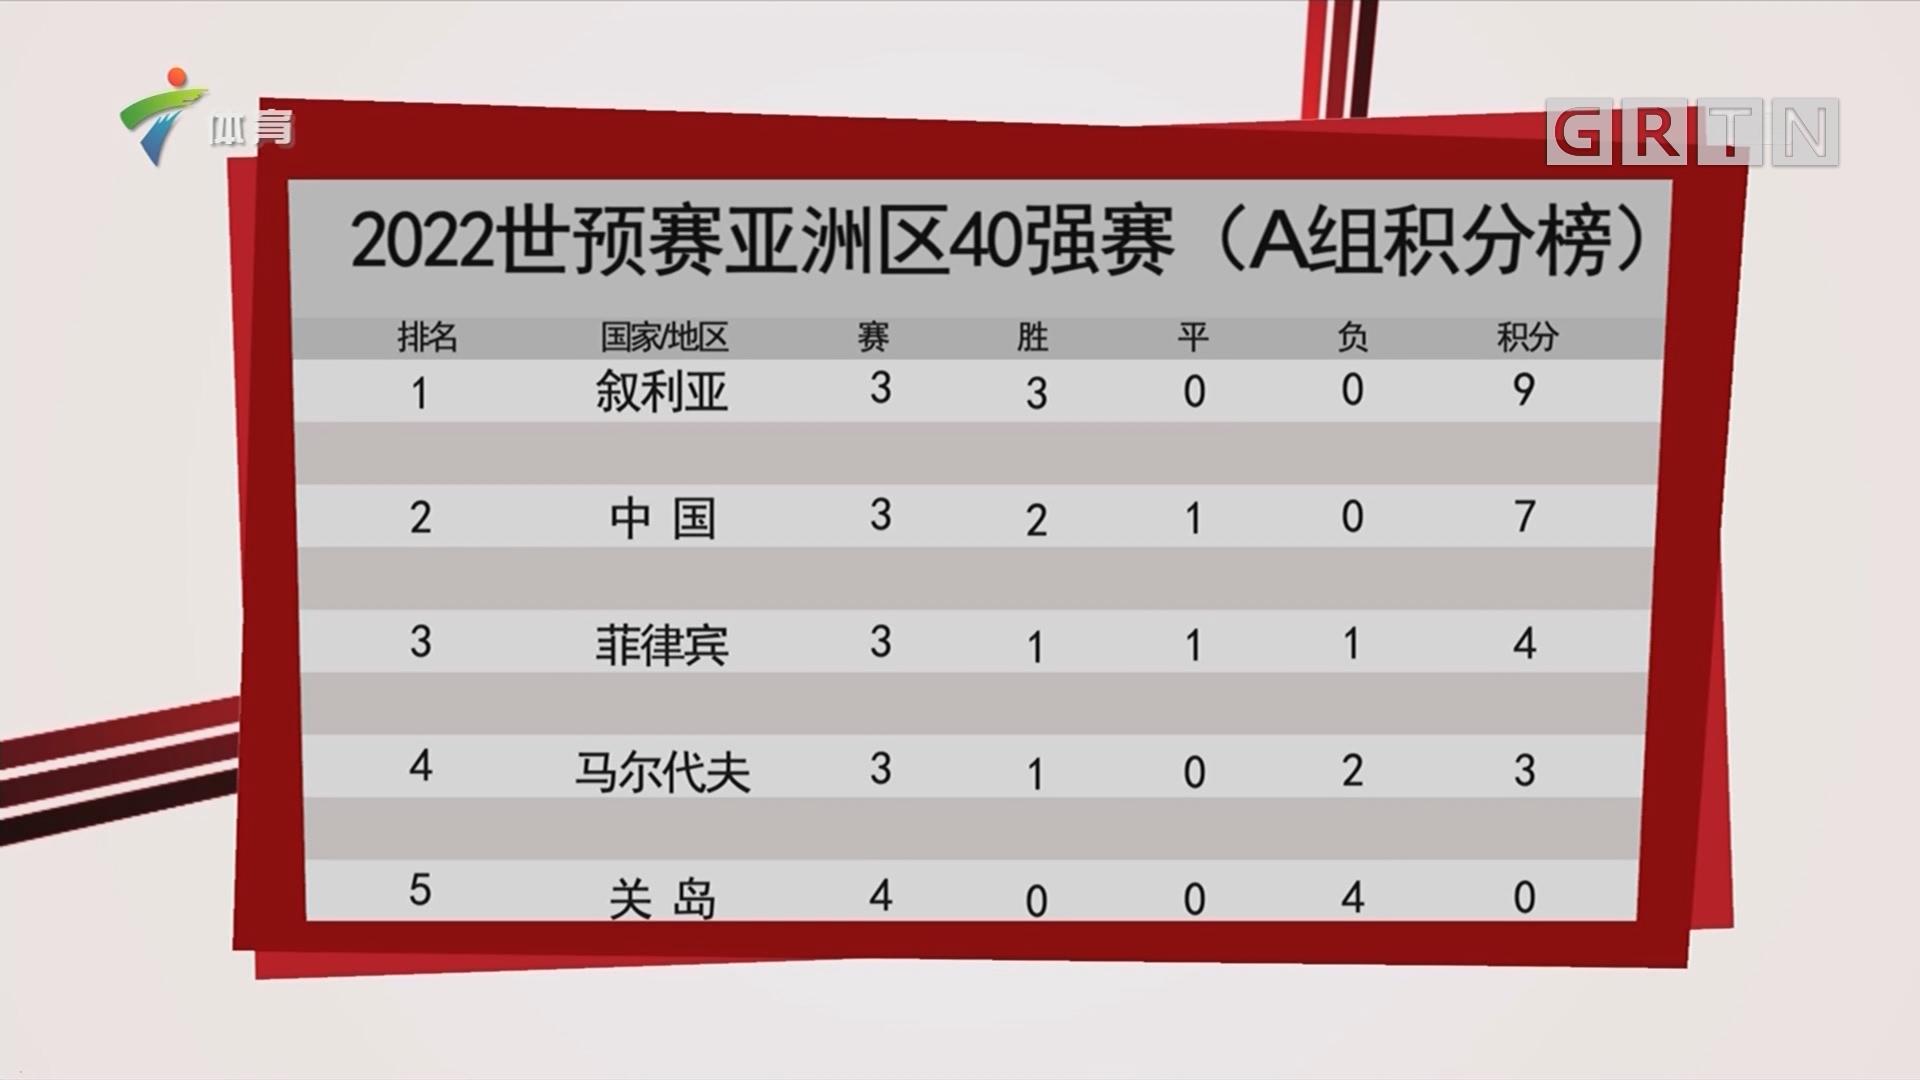 2022世预赛亚洲区40强赛(A组积分榜)